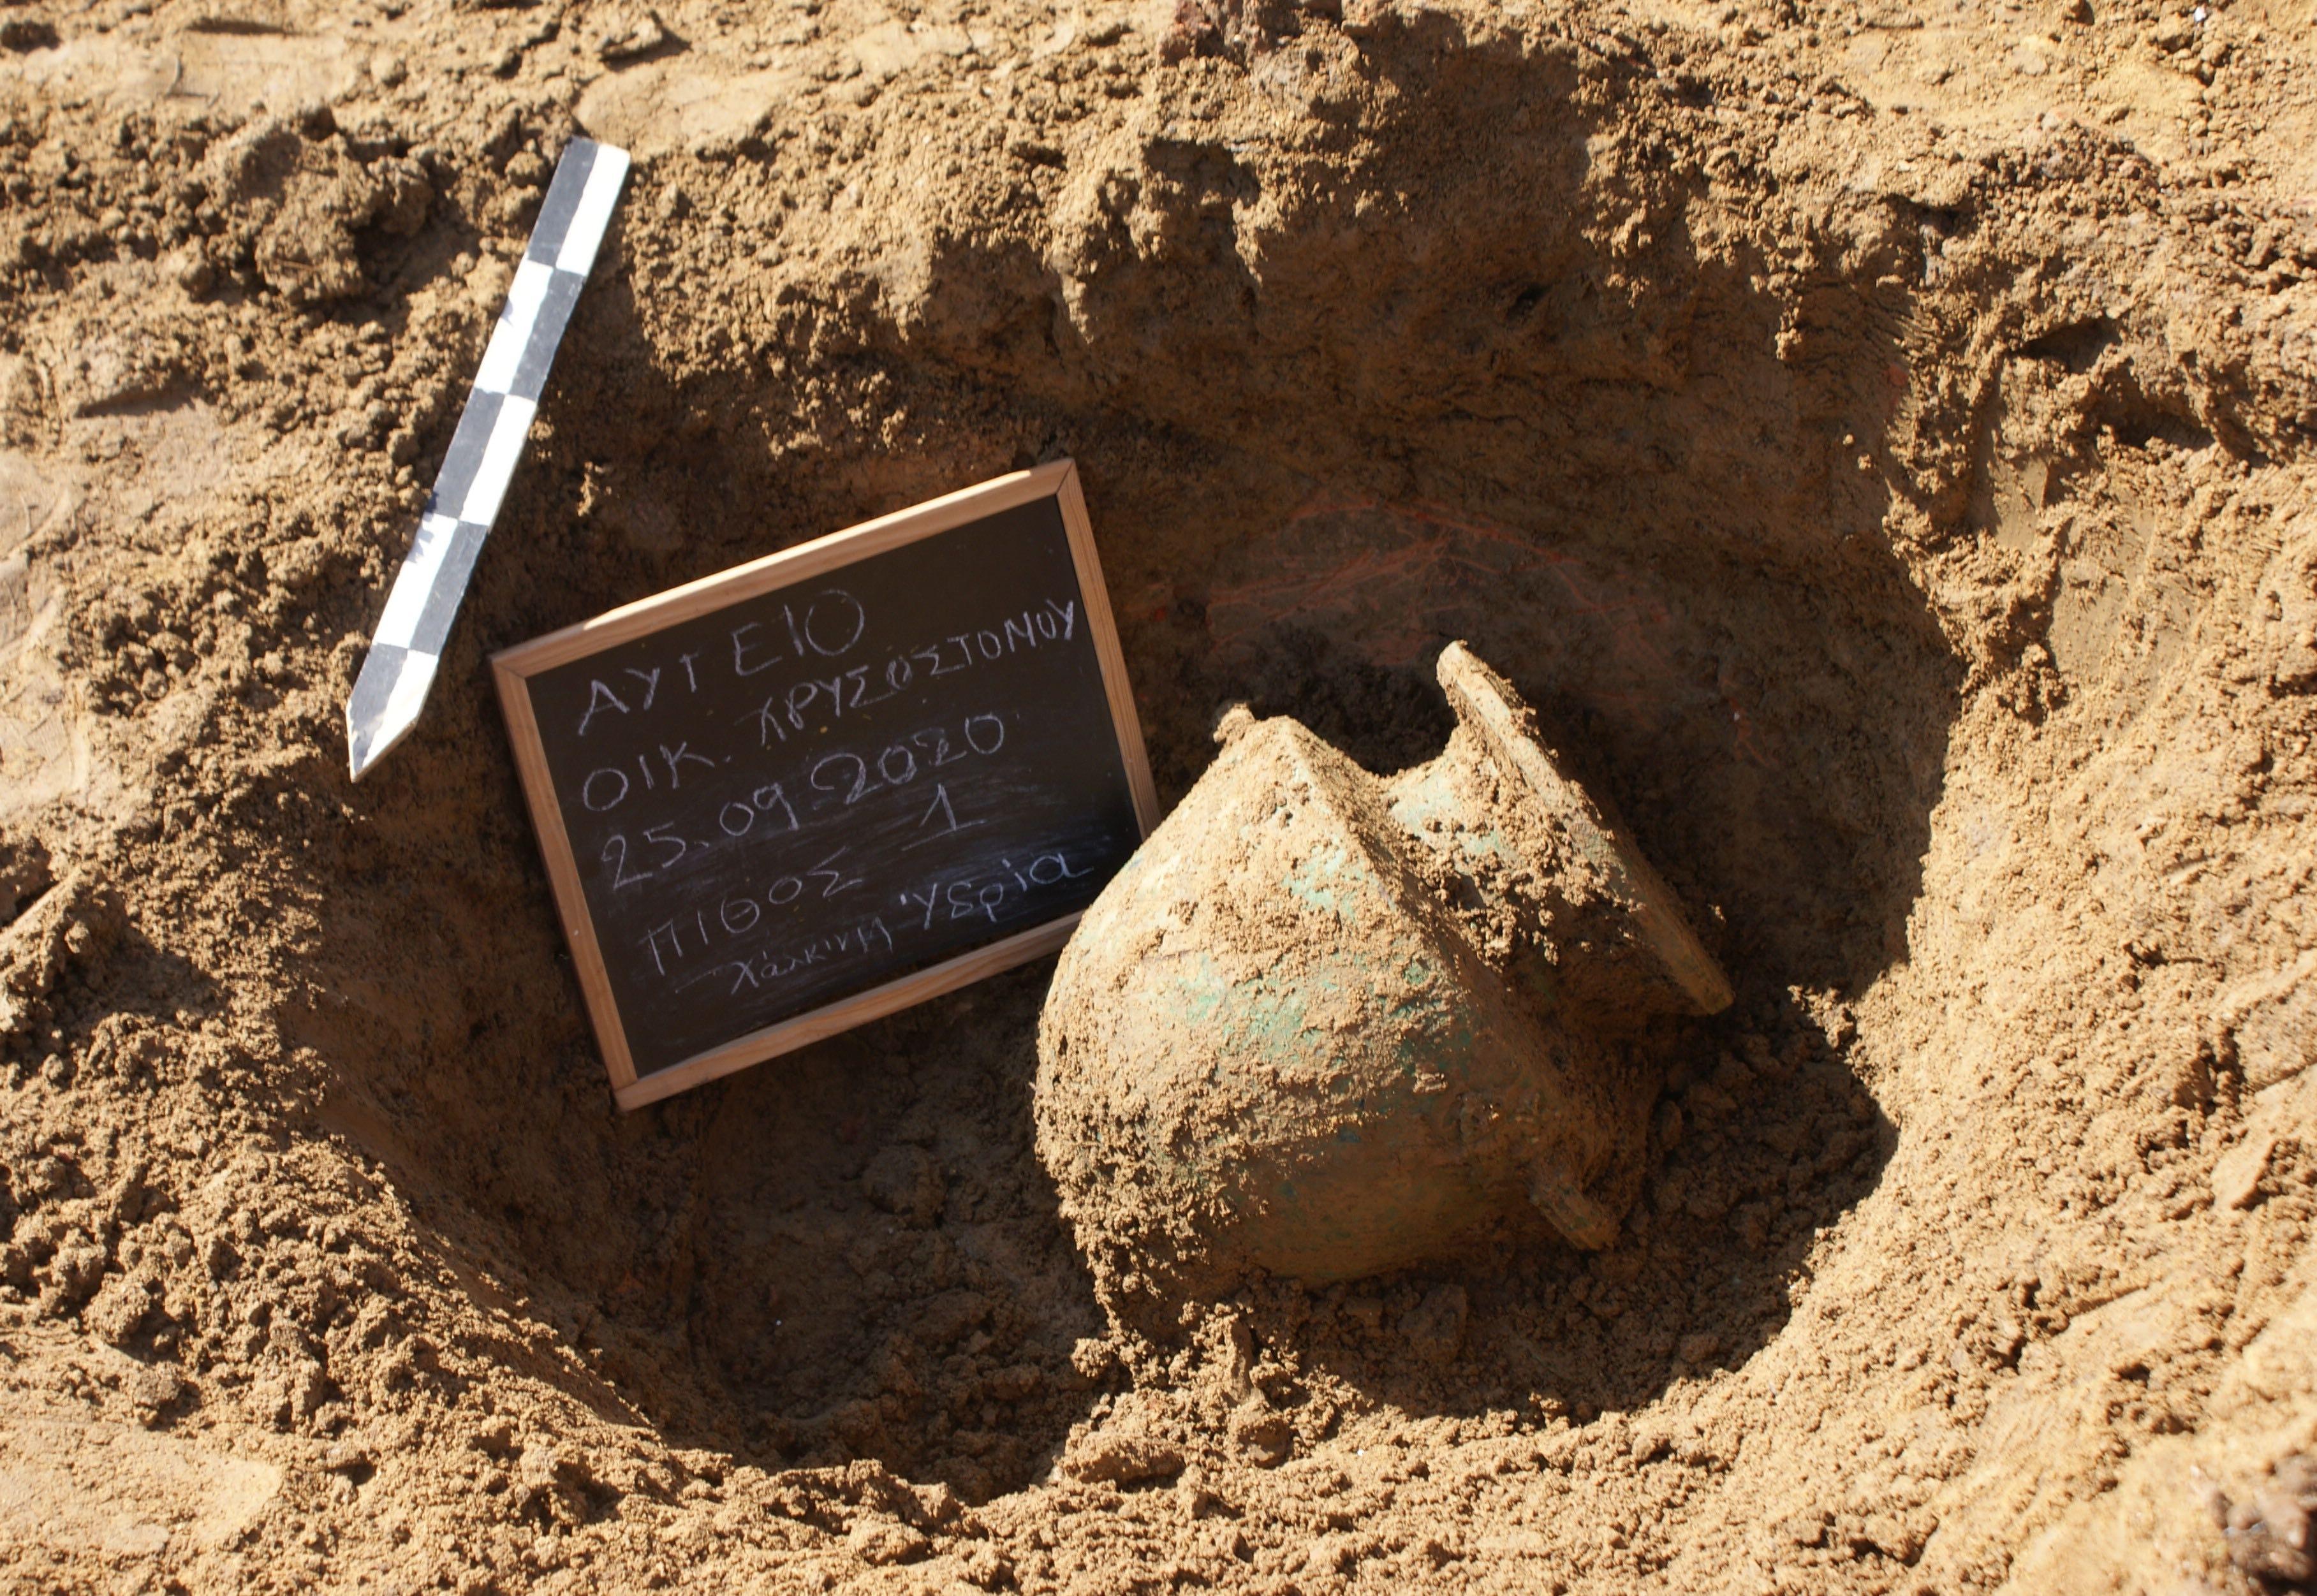 Η χάλκινη τεφροδόχος υδρία όπως αποκαλύφθηκε στο εσωτερικό του ταφικού πίθου 1